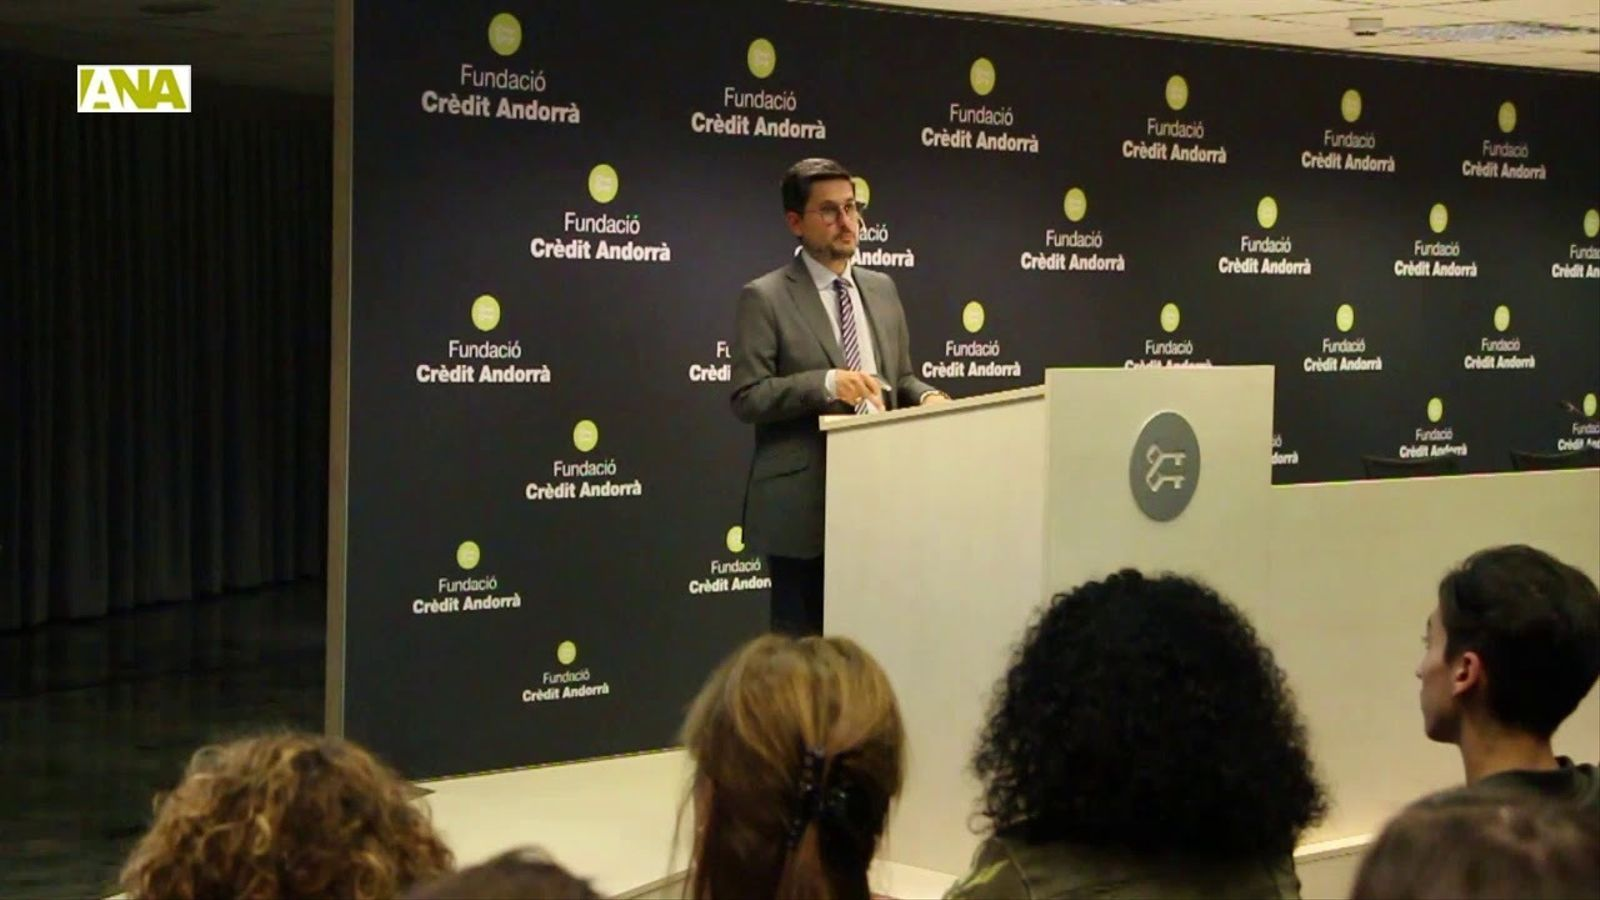 Imatges de la conferència del doctor Josep Antoni Ramos-Quiroga.